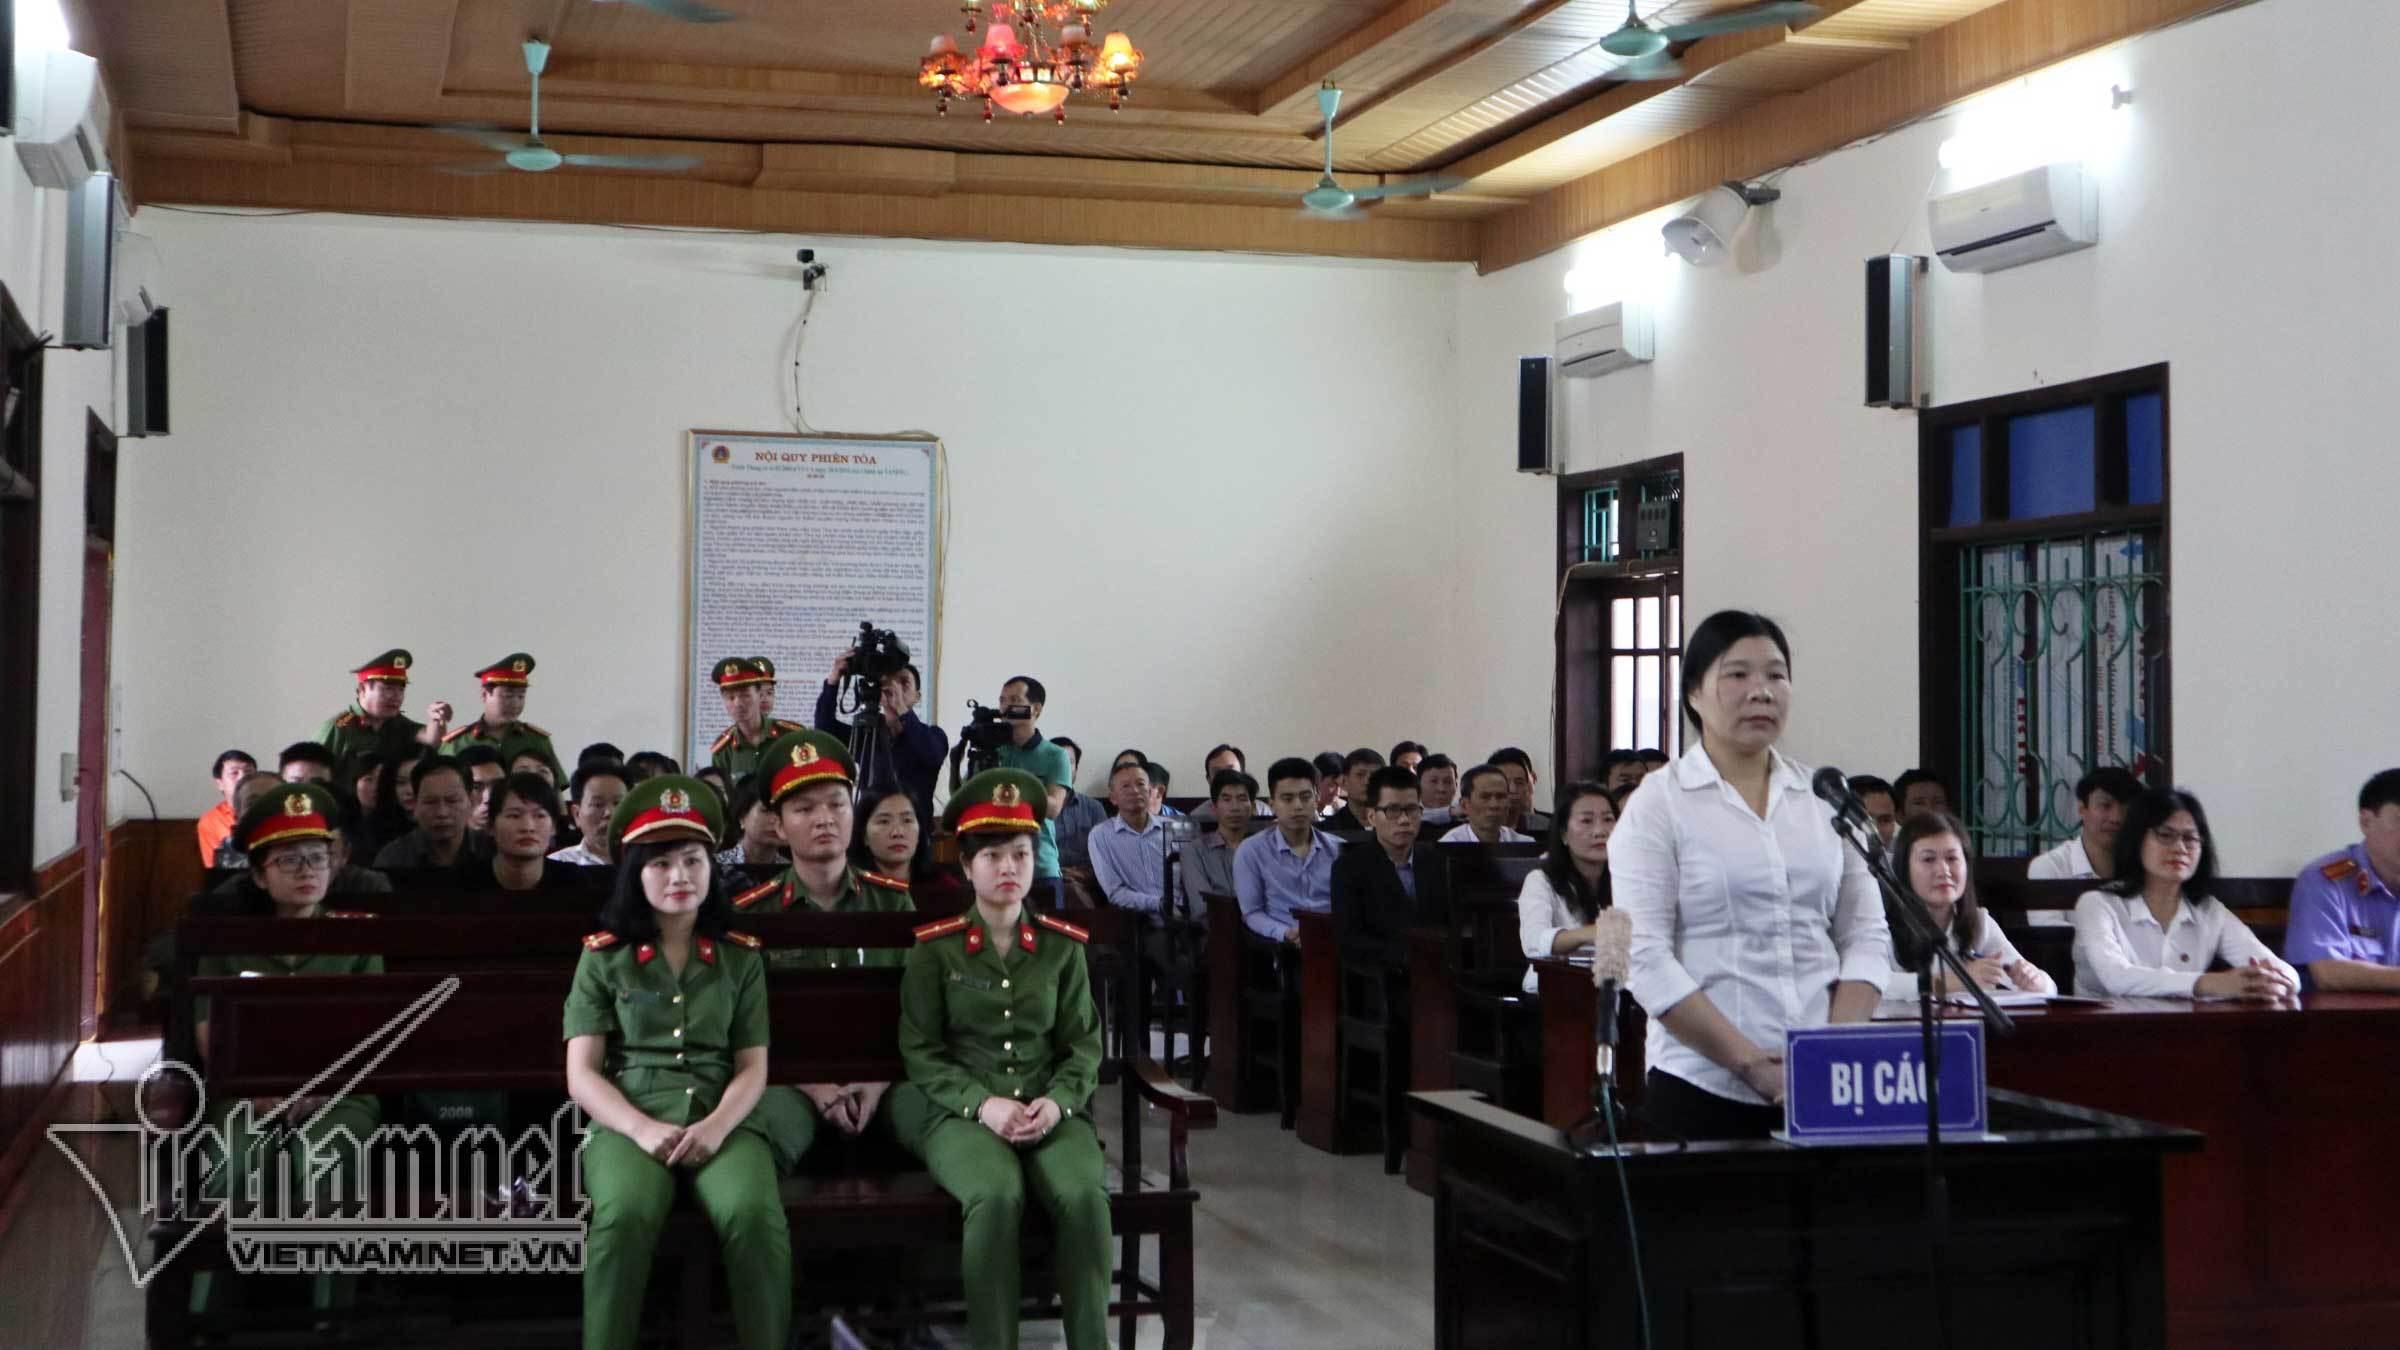 Hoạt động lật đổ chính quyền,tụ tập gây rối,Hà Tĩnh,Trần Thị Xuân,hội anh em dân chủ